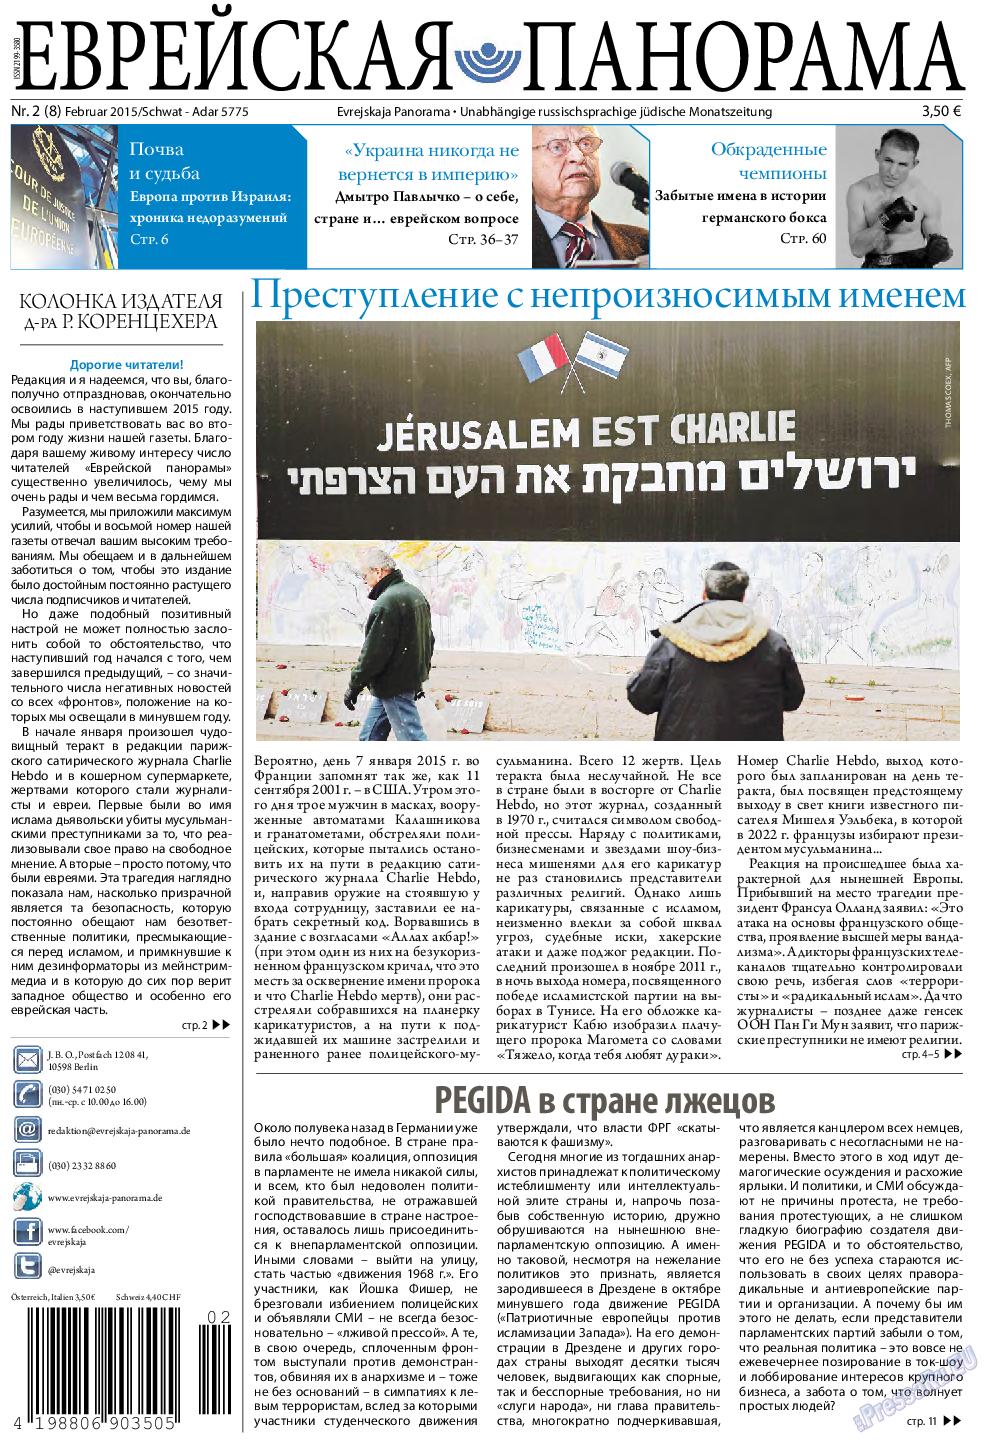 Еврейская панорама (газета). 2015 год, номер 2, стр. 1